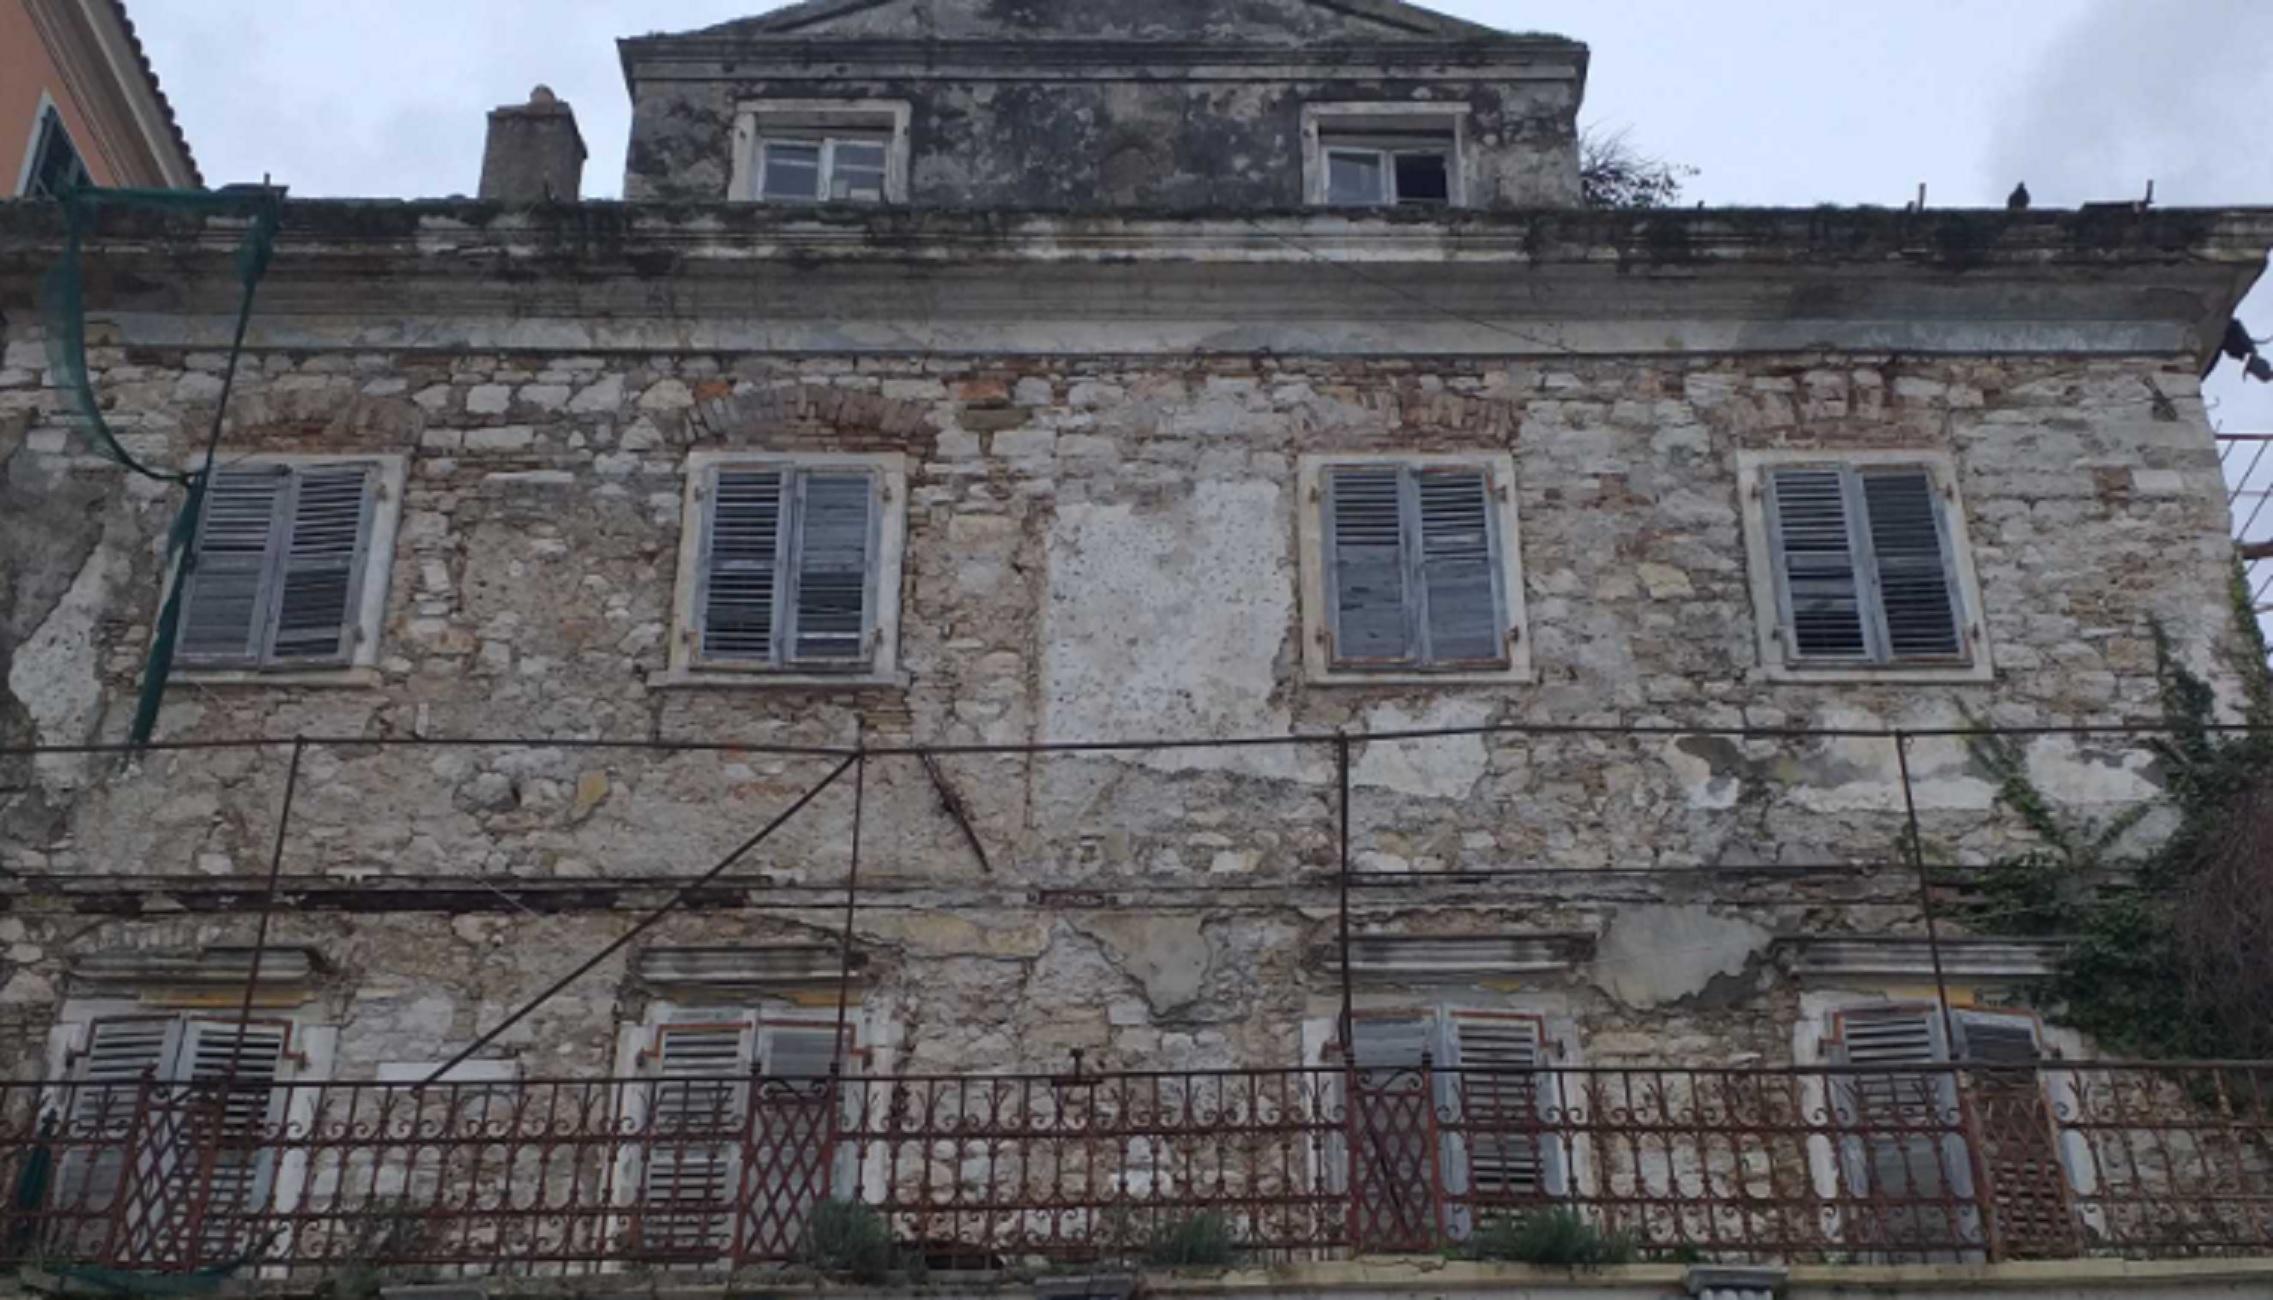 Κέρκυρα: «Στοιχειώνει» στο πέρασμα των χρόνων το αρχοντικό του ζωγράφου Άγγελου Γιαλλινά – Δείτε πως είναι σήμερα (pics)